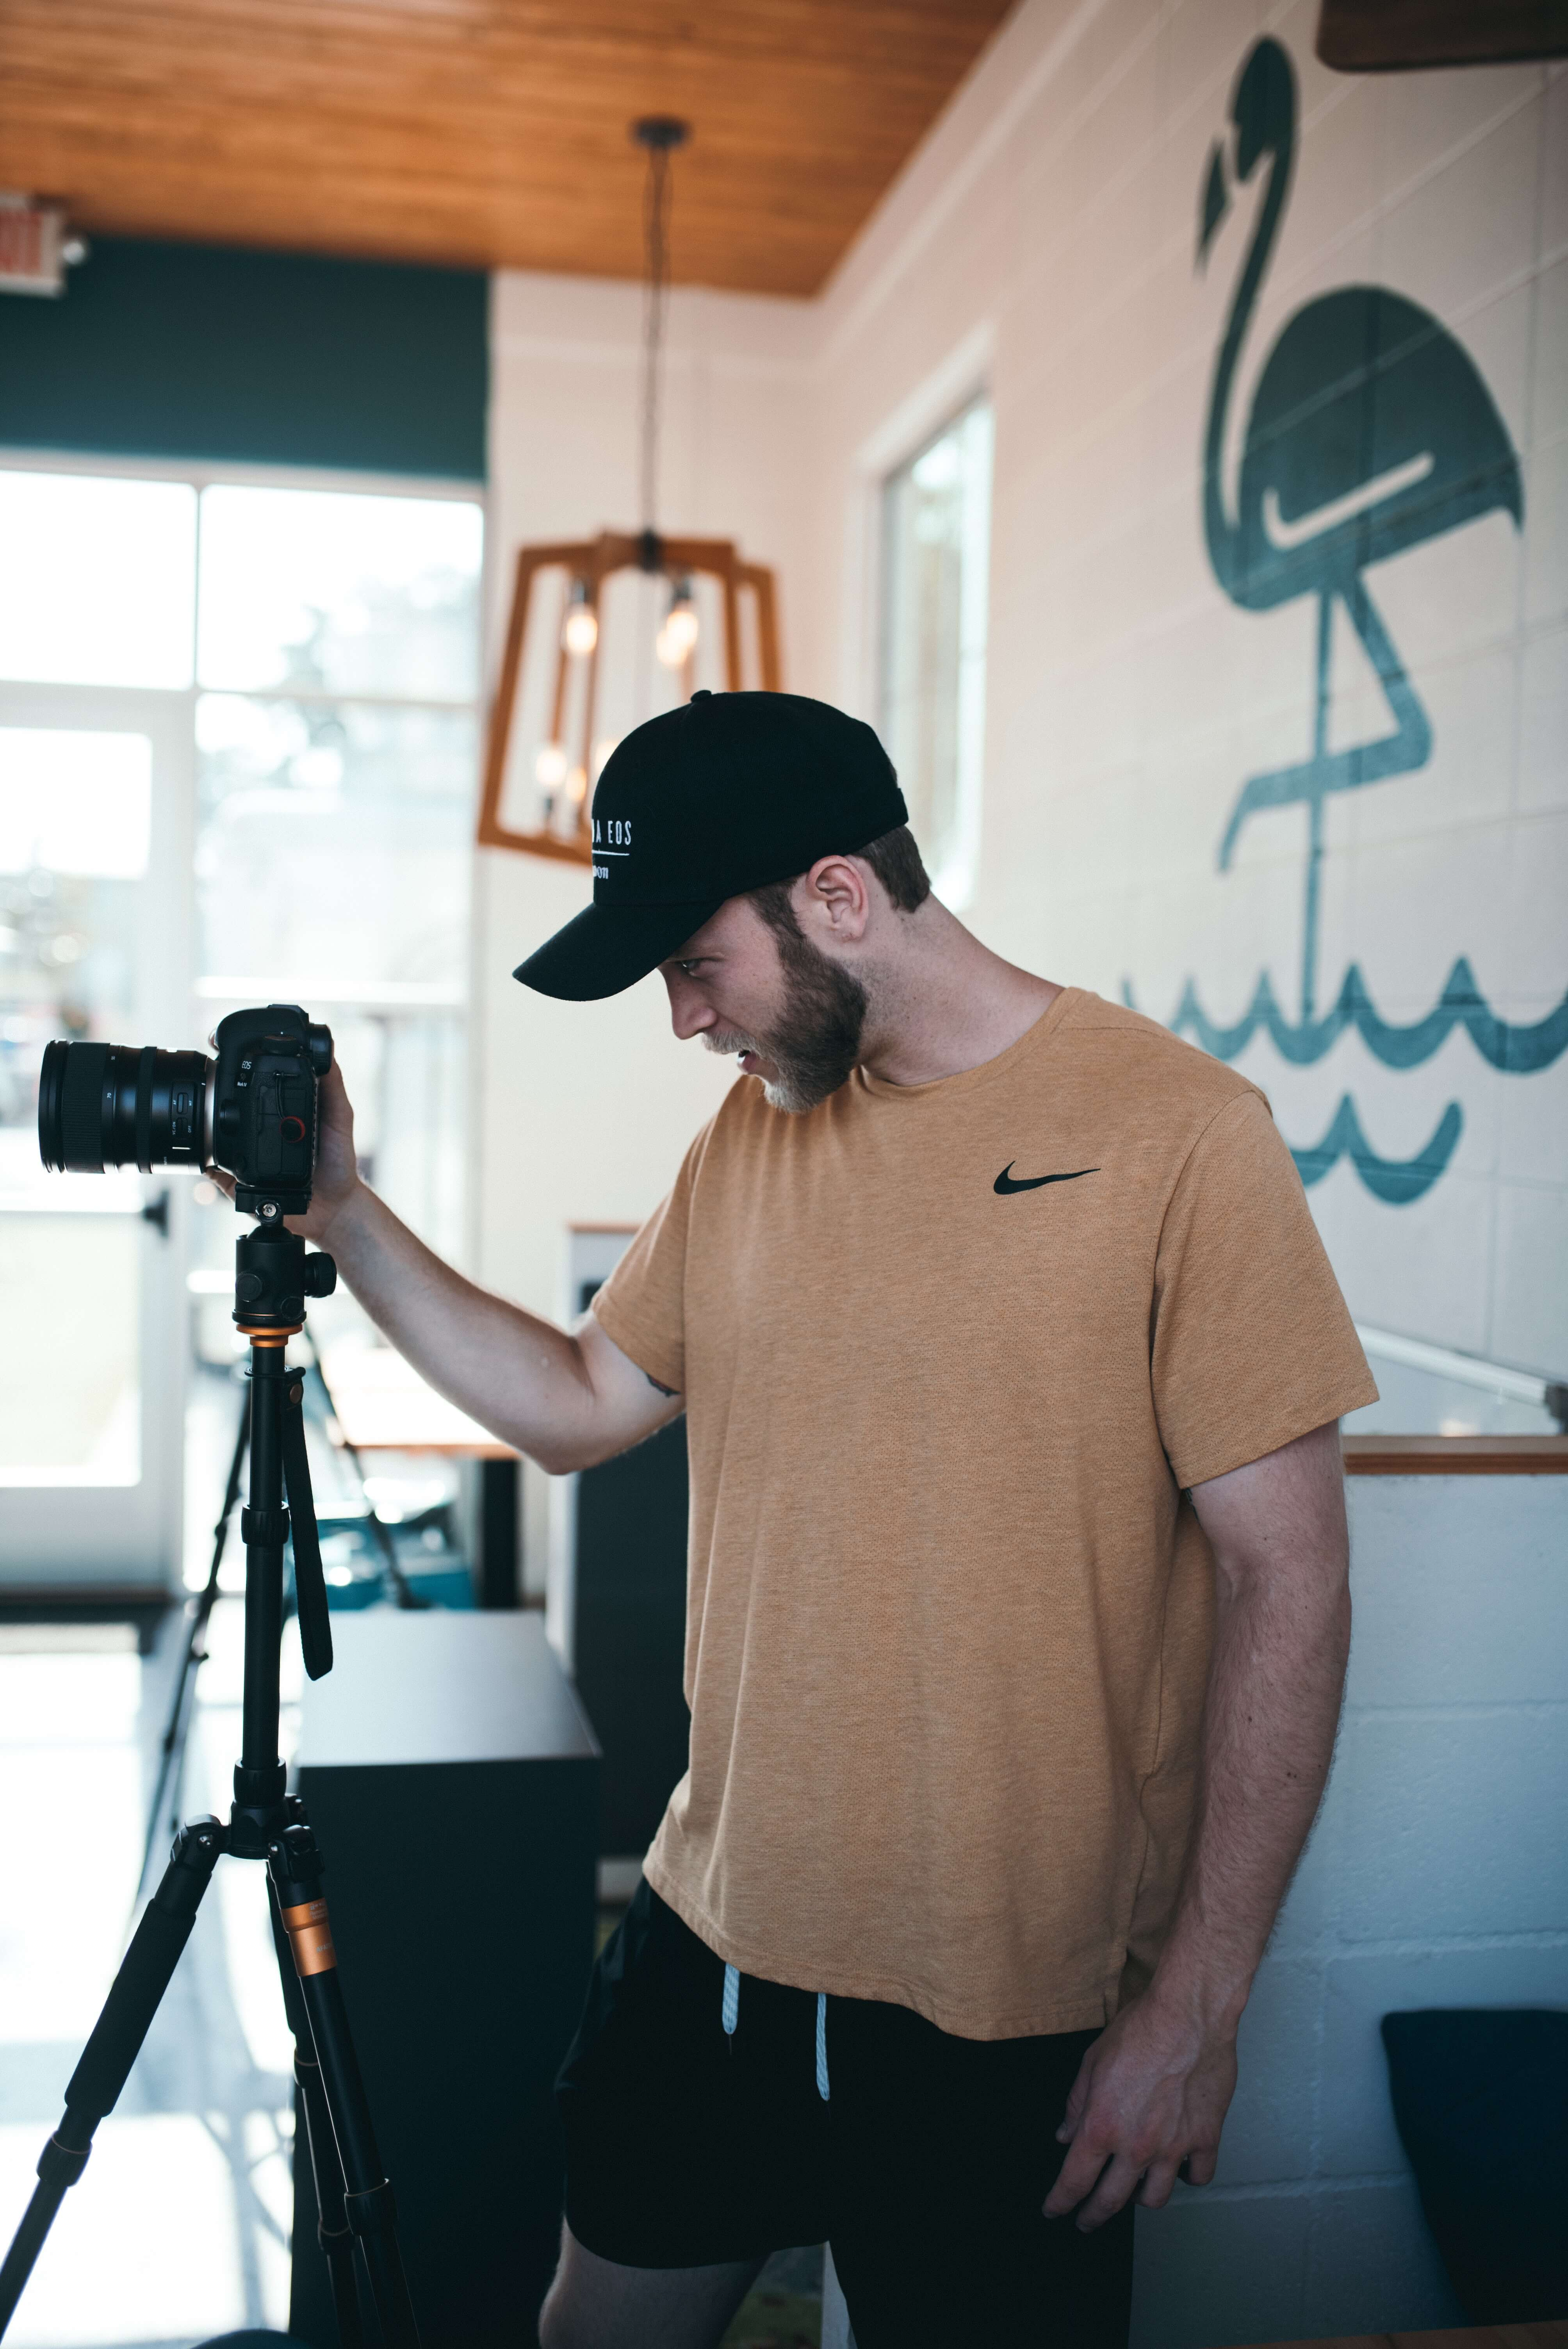 photojournalism career